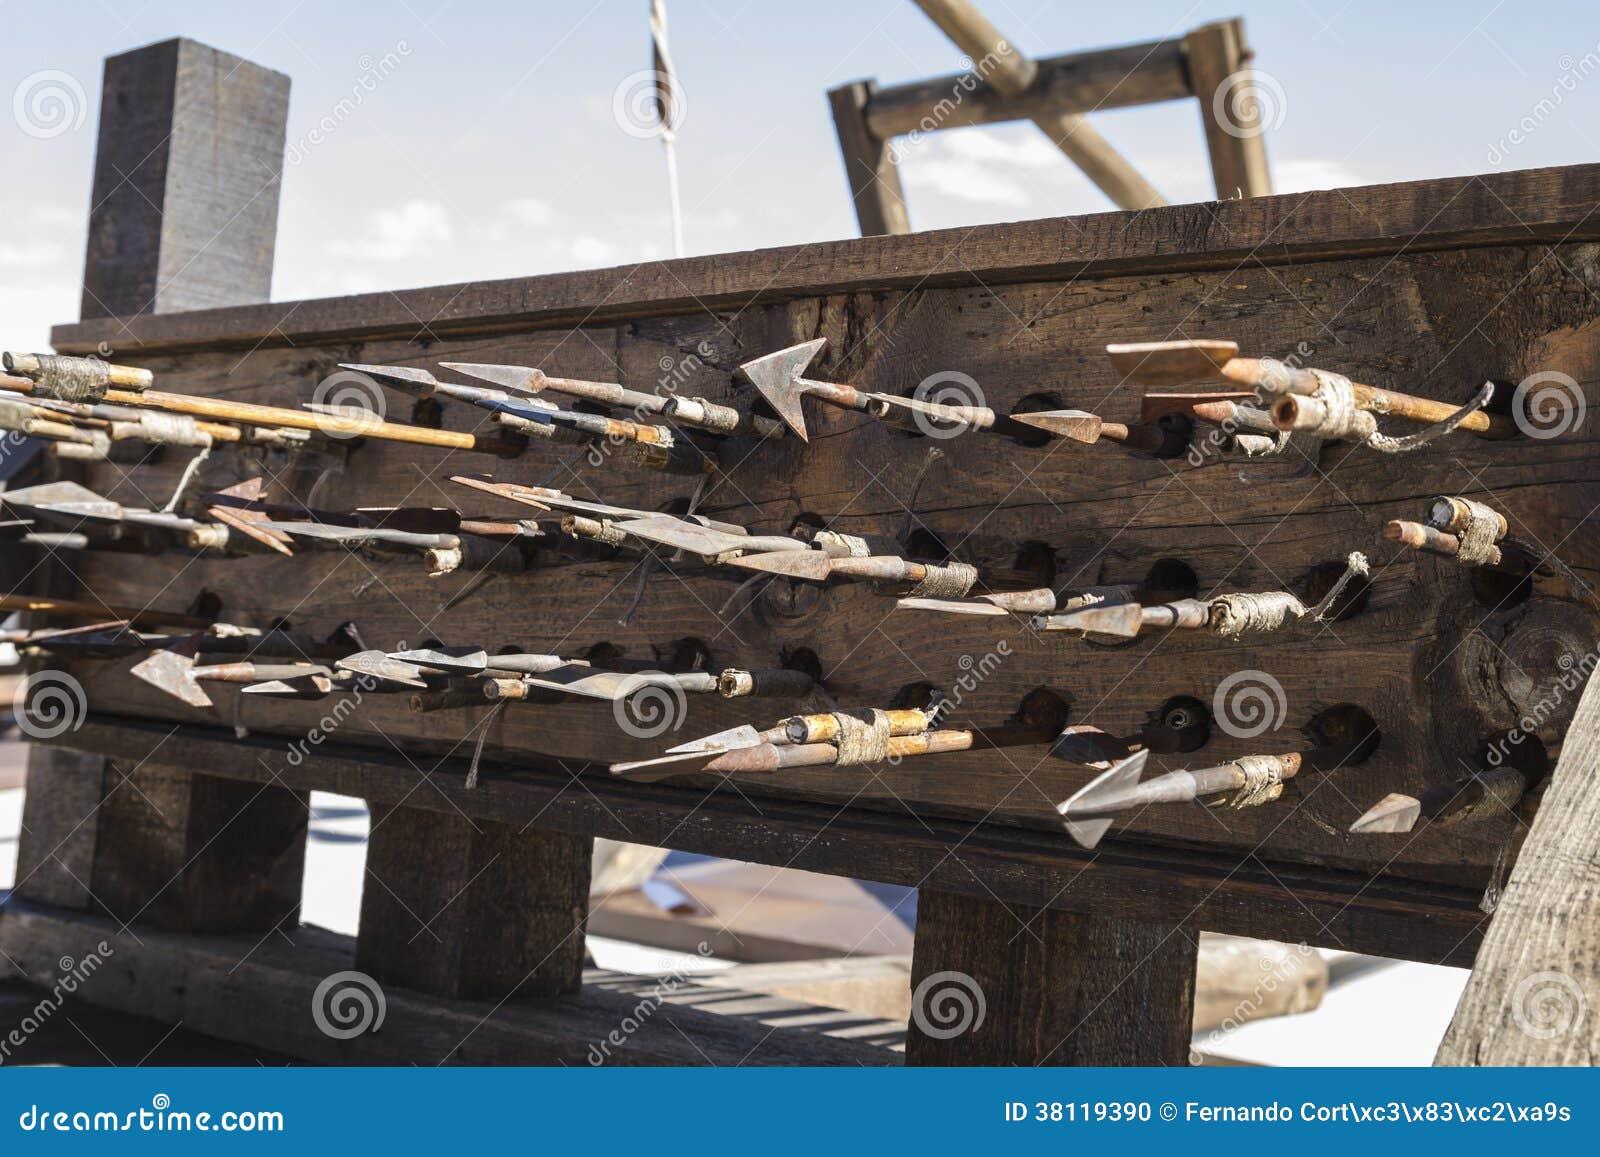 Armas, bestas, onagros, catapultas e massa medievais do cerco